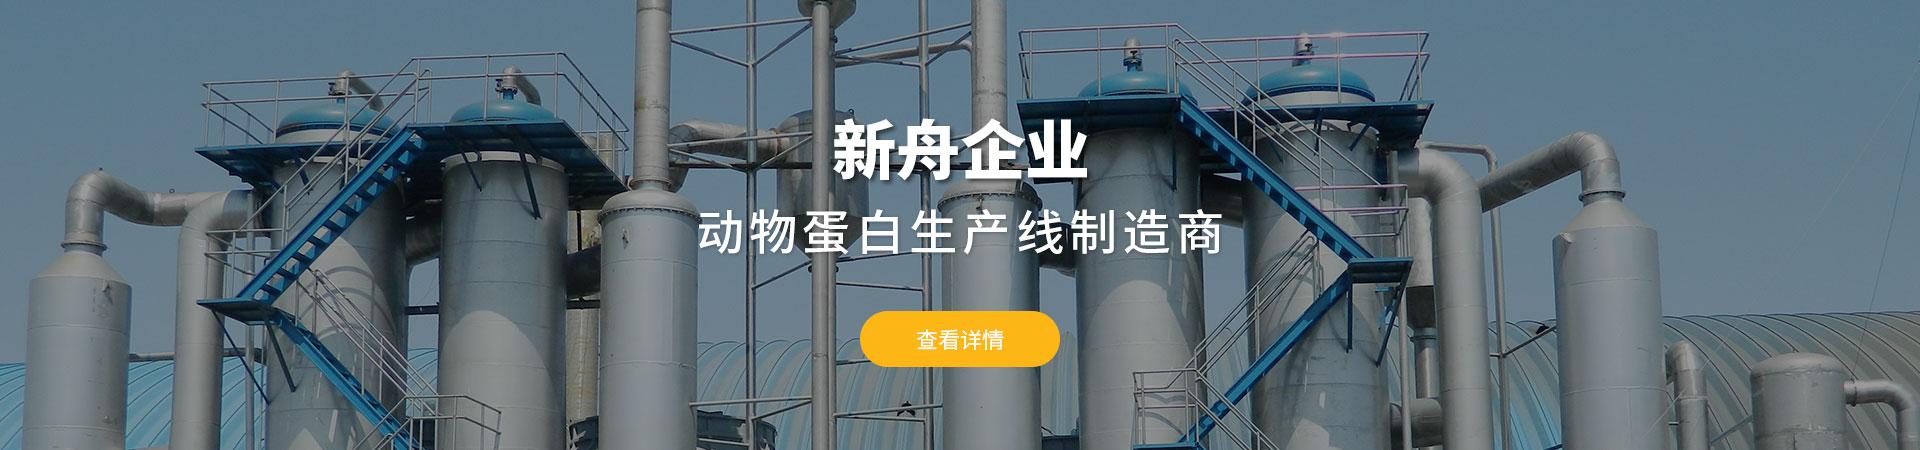 新舟企业动物蛋白生产线制造商